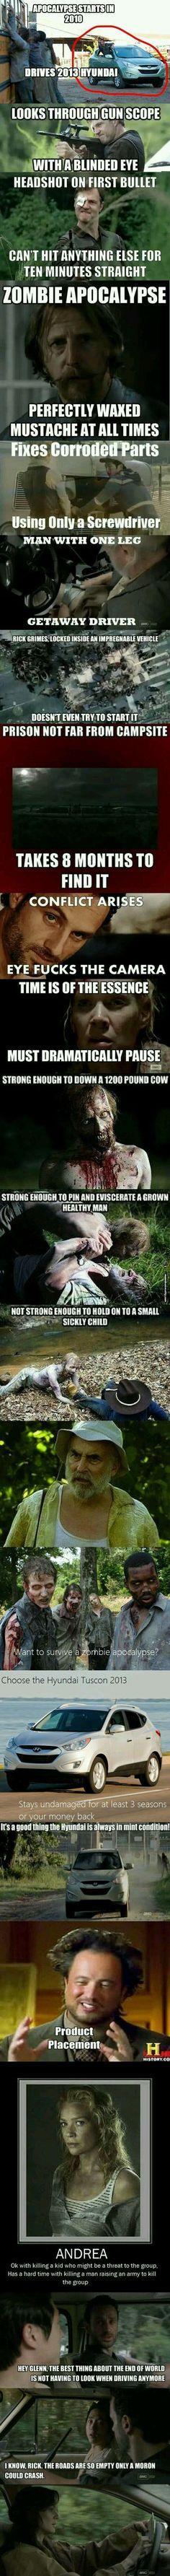 Walking Dead logics